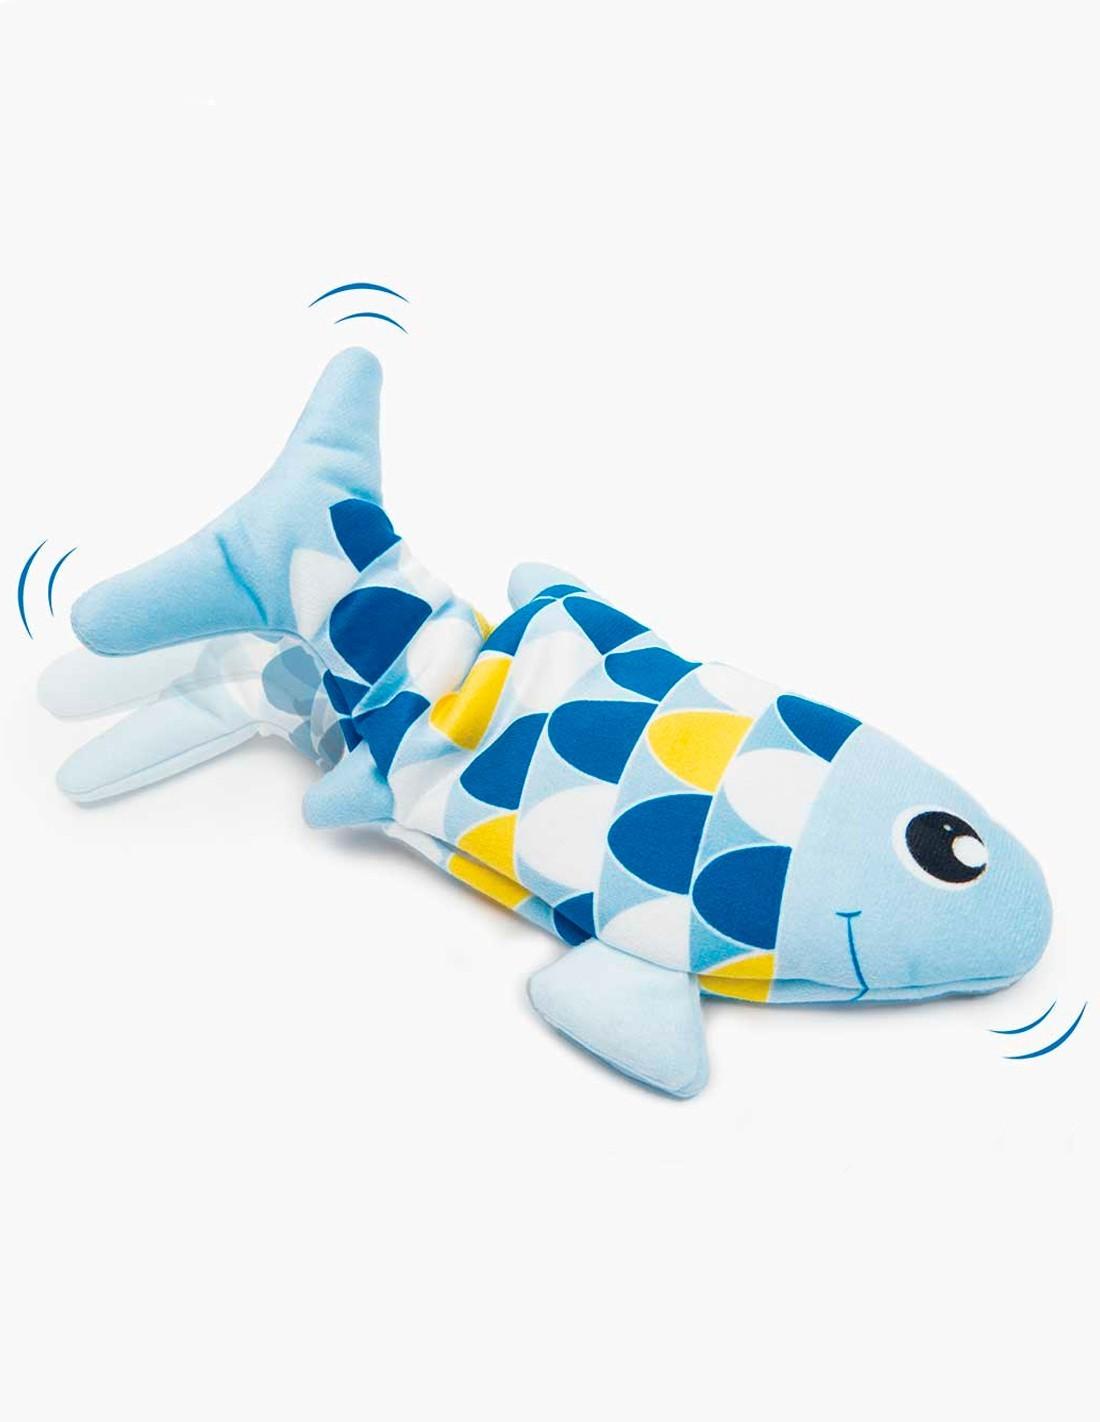 Catit Groovy Fish Azul - juguete activado con el movimiento